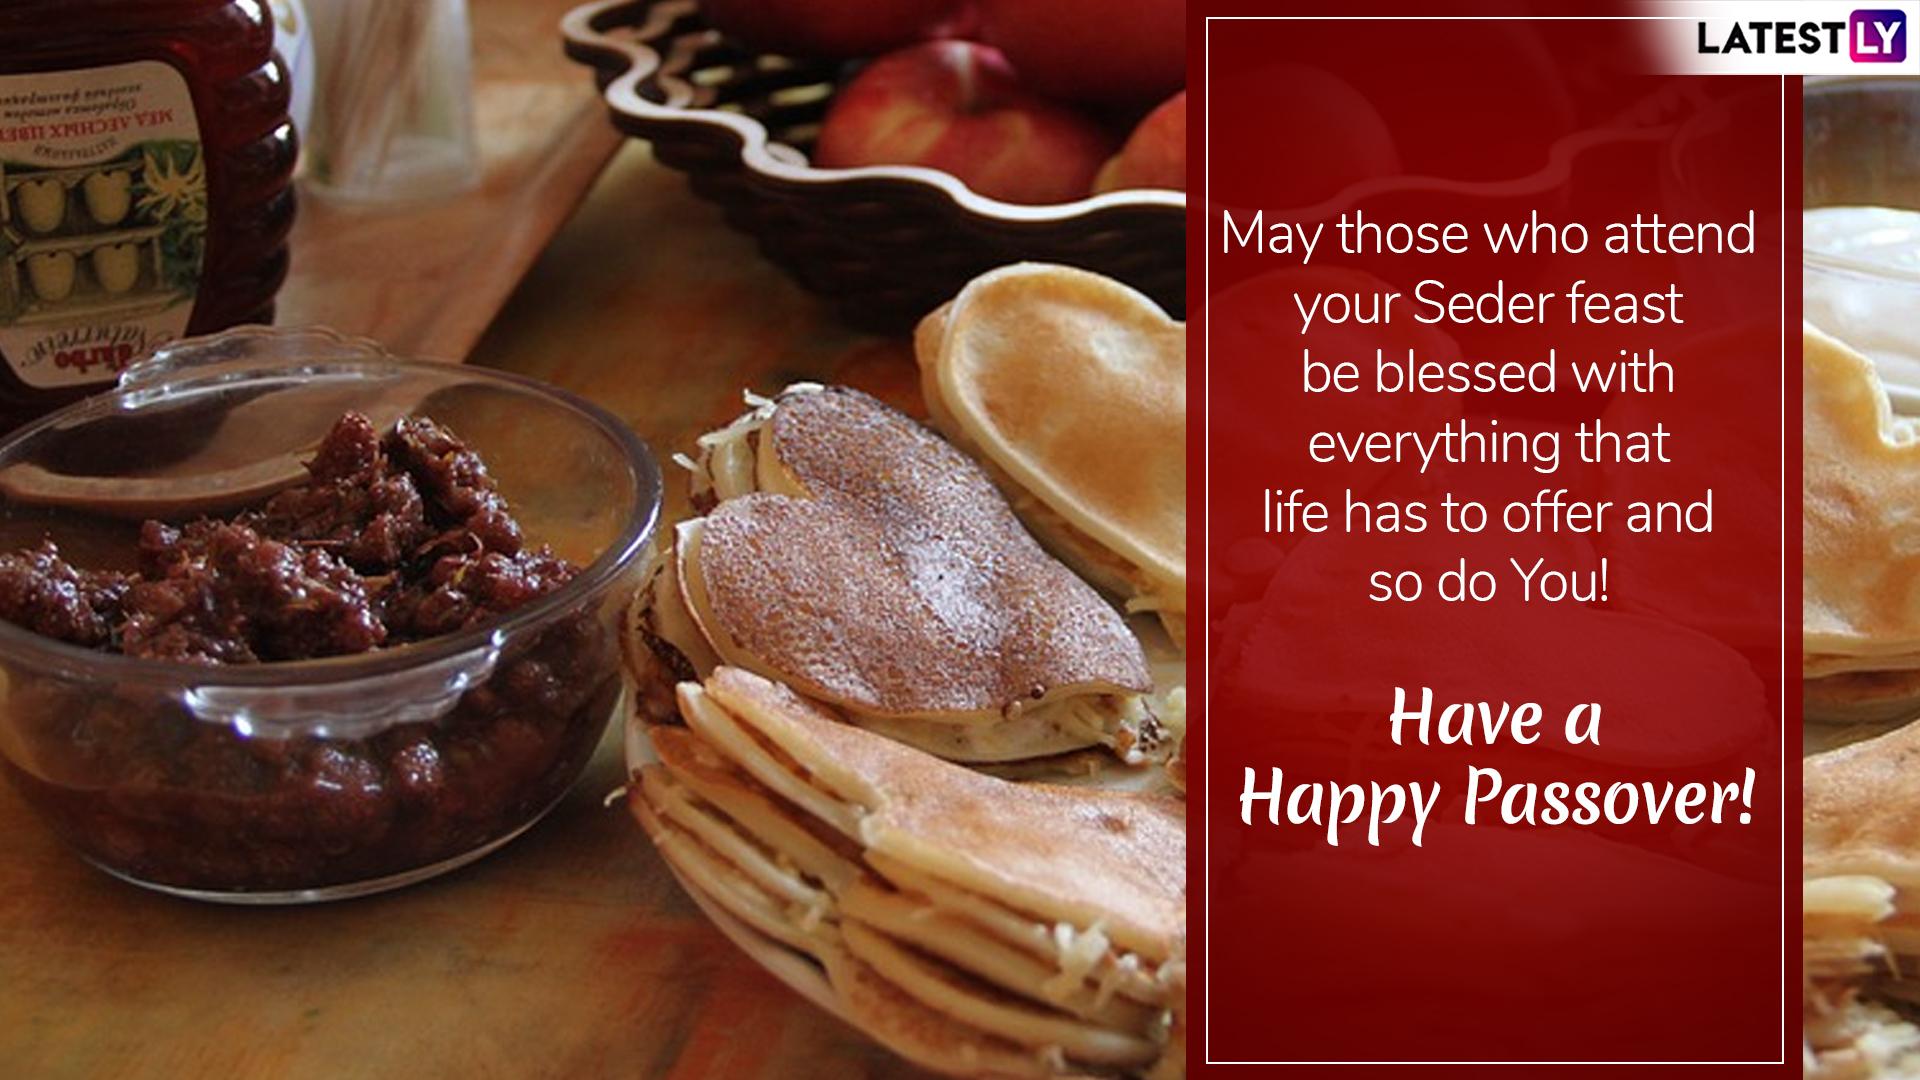 happy passover - photo #38